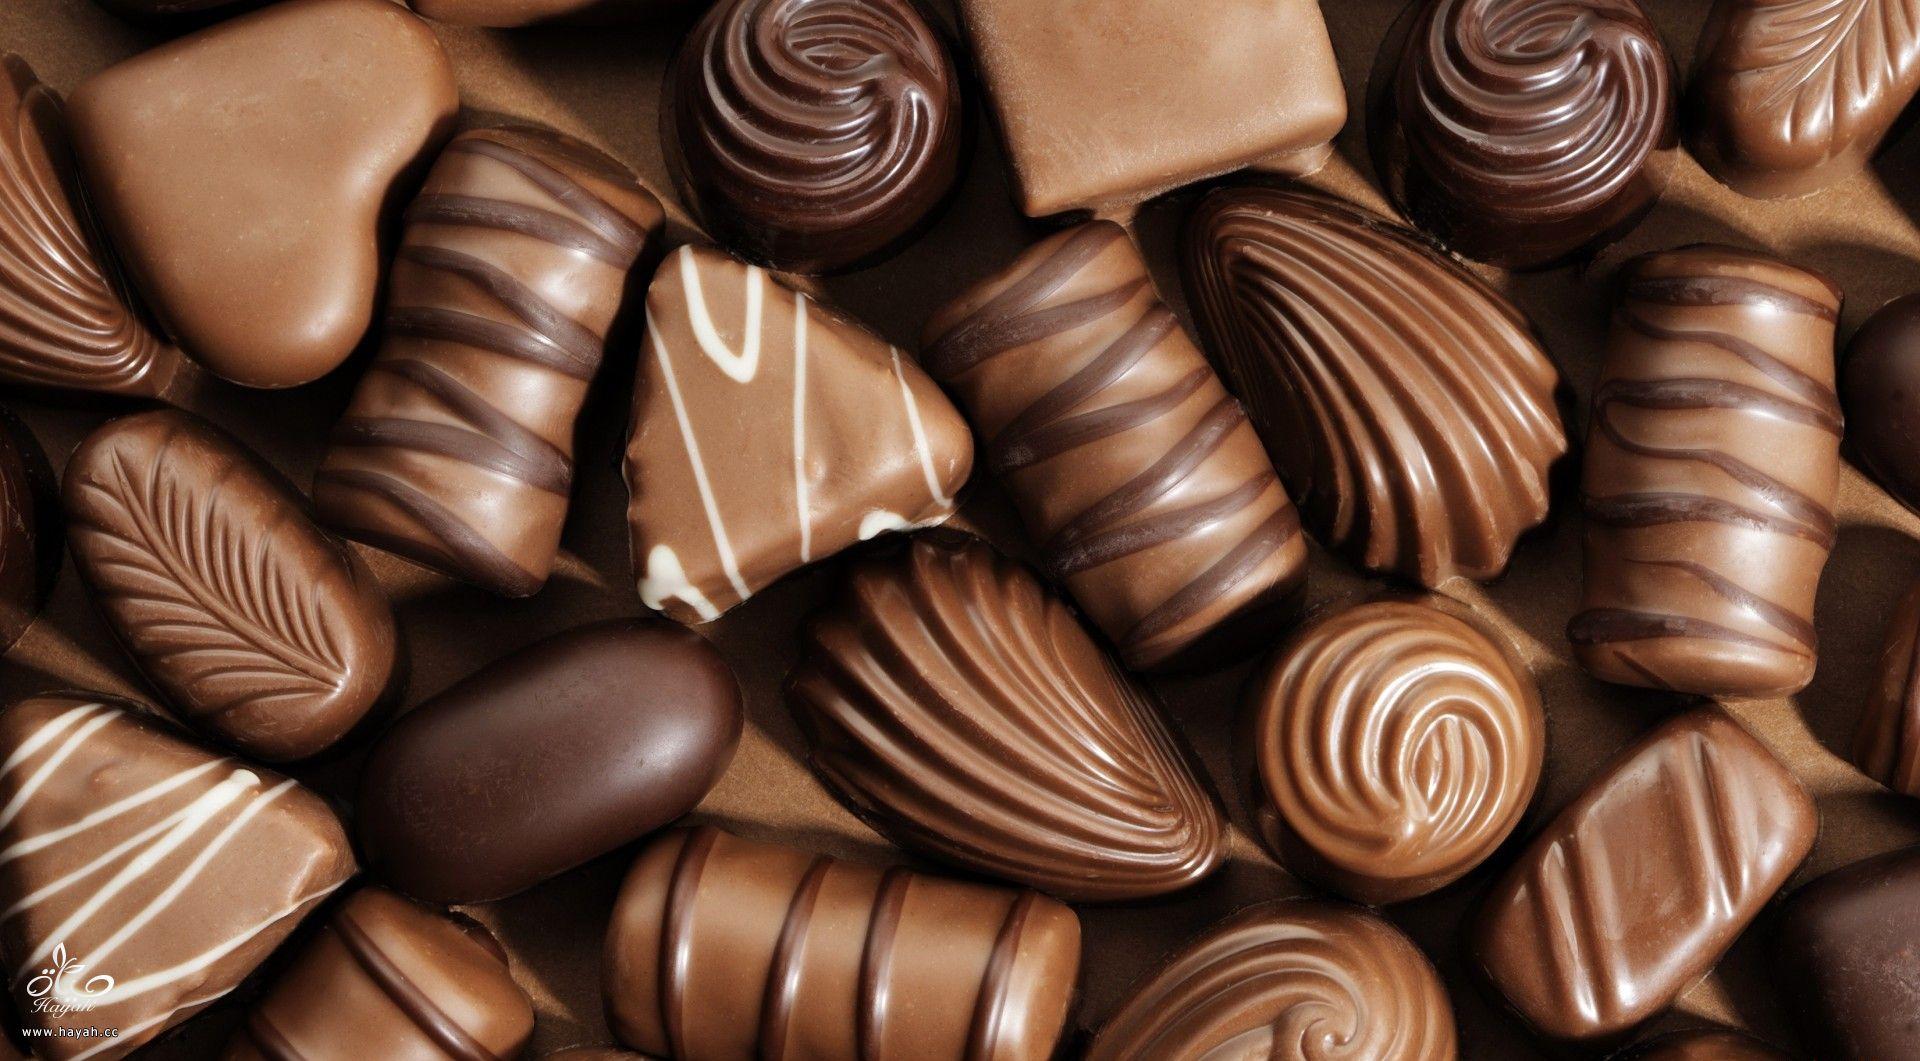 الشوكولاته ..هل هي المتسببة في حب الشباب؟؟ hayahcc_1440729510_375.jpg